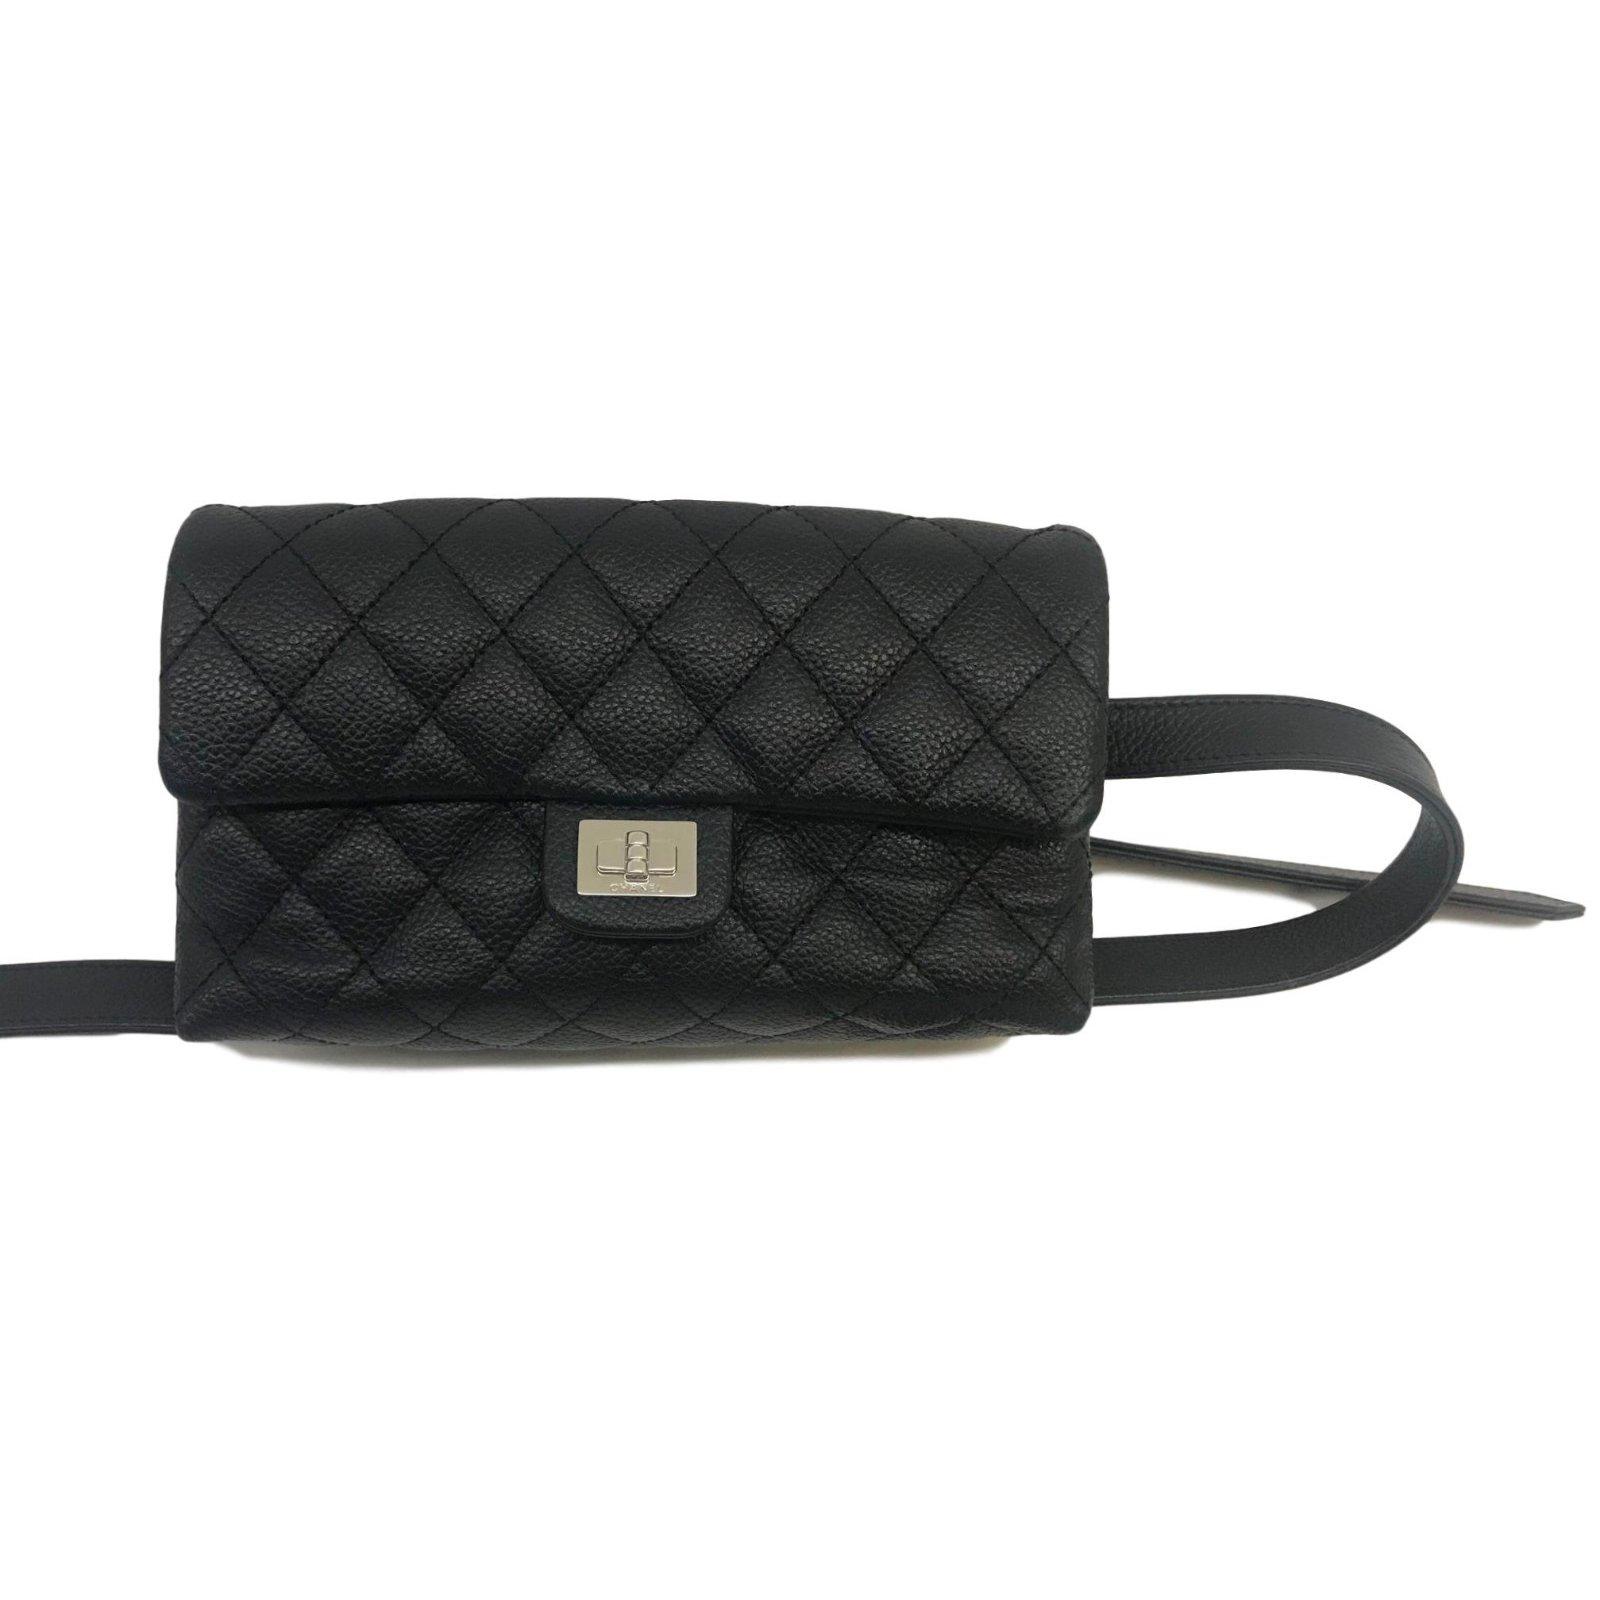 03d1b8259a Uniform belt bag